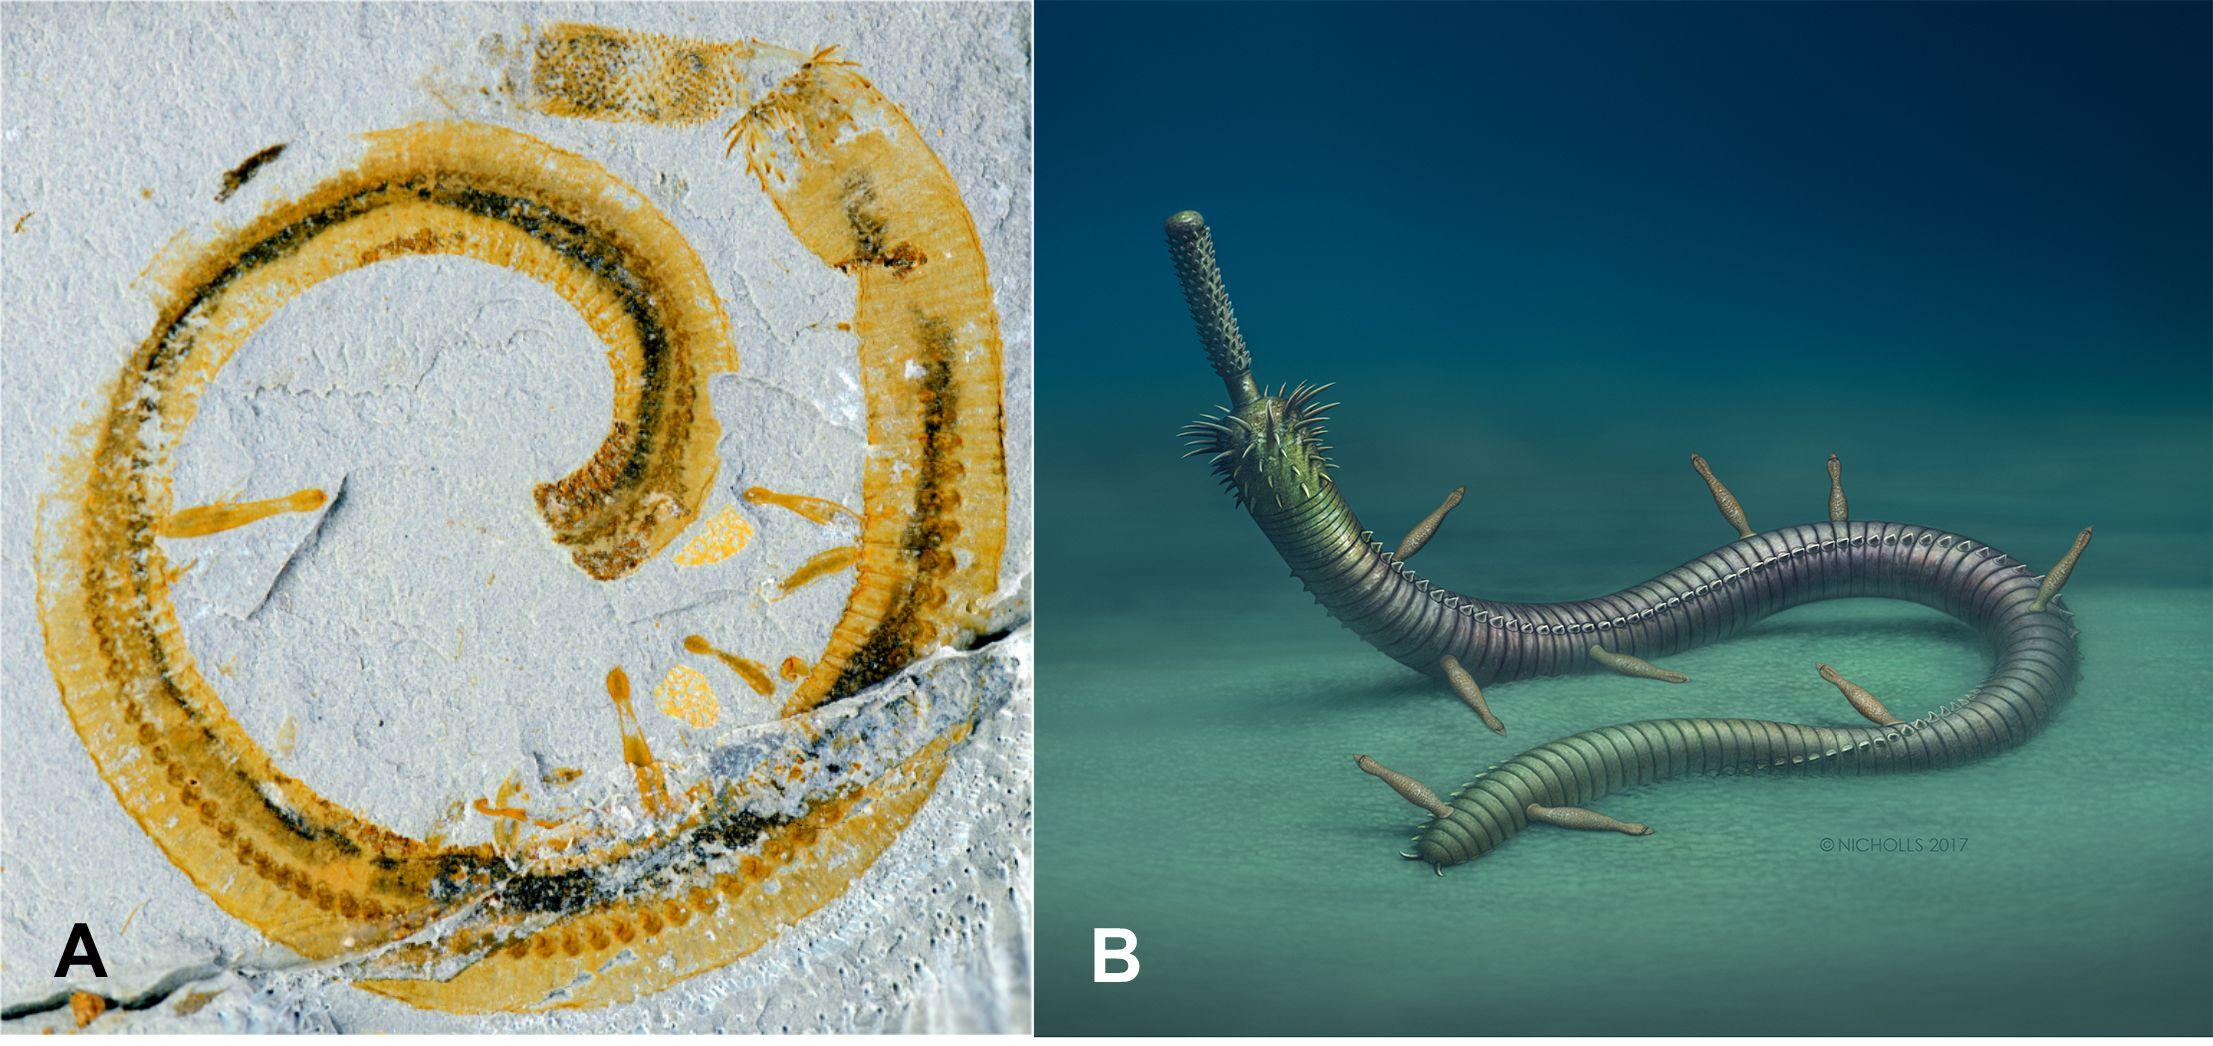 A. Peiyun Cong tarafından toplanan YKLP 13226 adlı en iyi fosil örneği. B. Sanatçı Robert Nicholls'ün yapmış olduğu Inquicus fellatus'un C. jinningensis üzerine olan istila rekonstrüksiyonu.